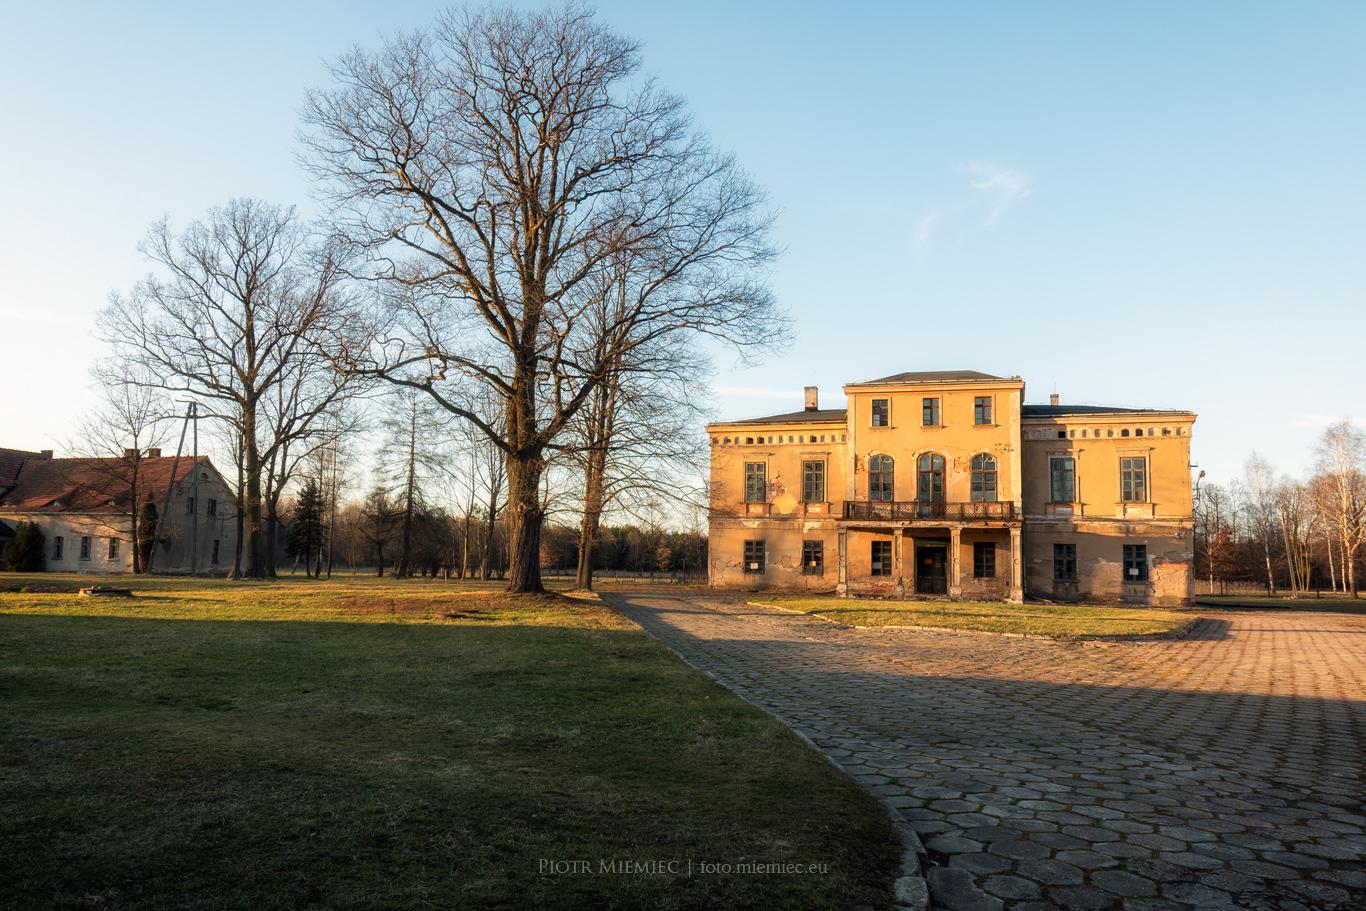 Pałac w Kaletach Zielonej